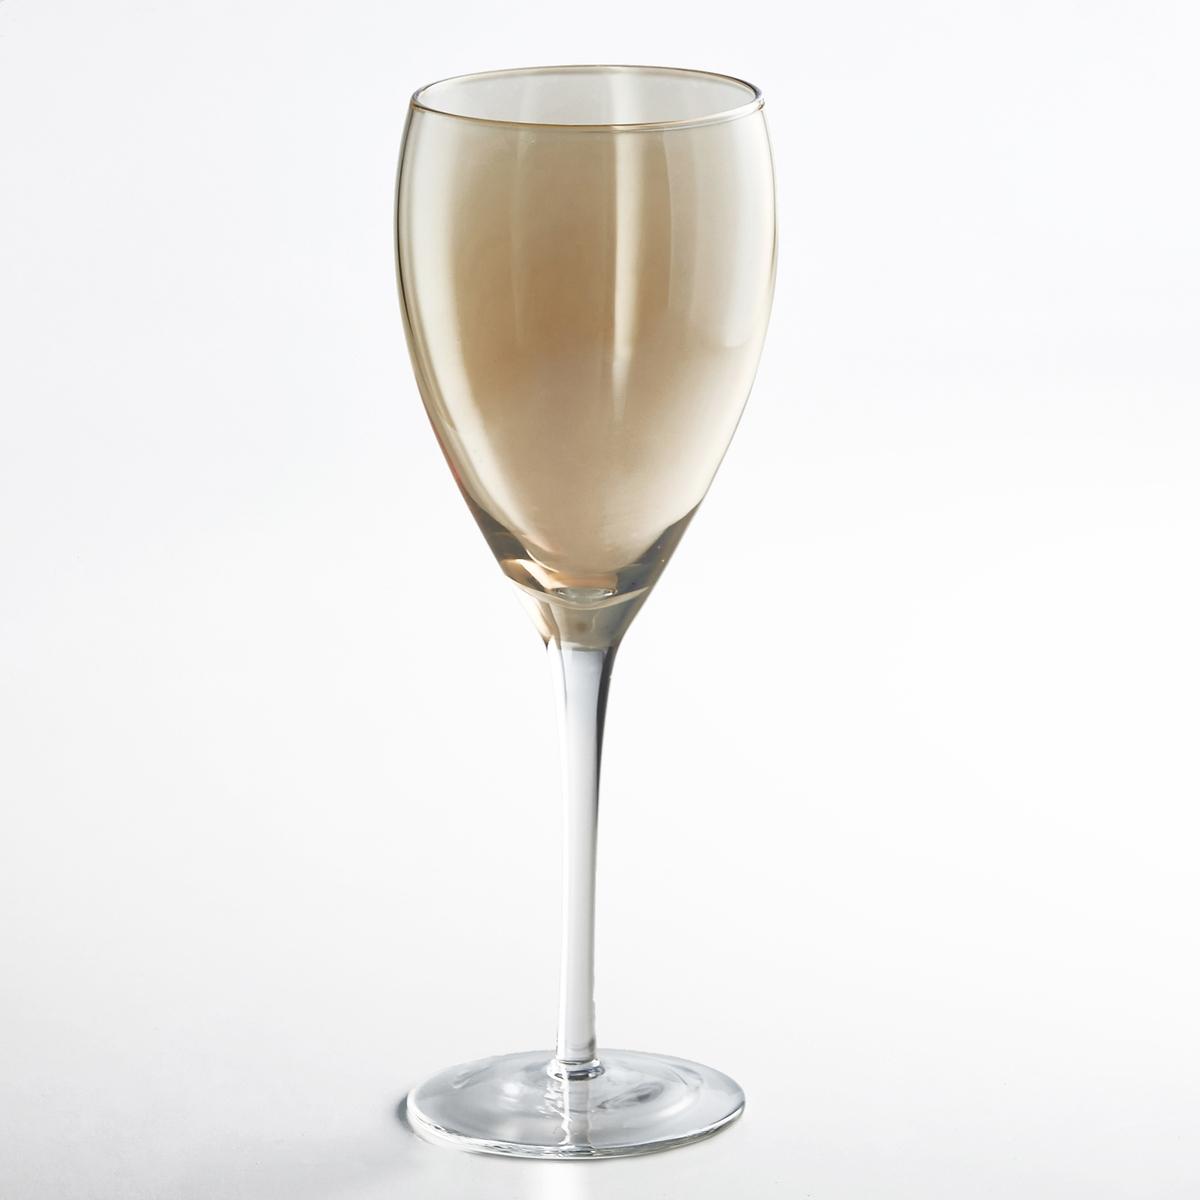 4 бокала для красного вина , KoutineХарактеристики бокалов под вино Koutine :- Бокал для красного вина из стекла, выдуваемого с помощью рта - Диаметр : 9 см- Высота : 24,5 см  - Подходят для посудомоечной машины- В комплекте 4 бокала найдите всю коллекцию бокалов на нашем сайте   laredoute.ru<br><br>Цвет: дымчато-серый,янтарь